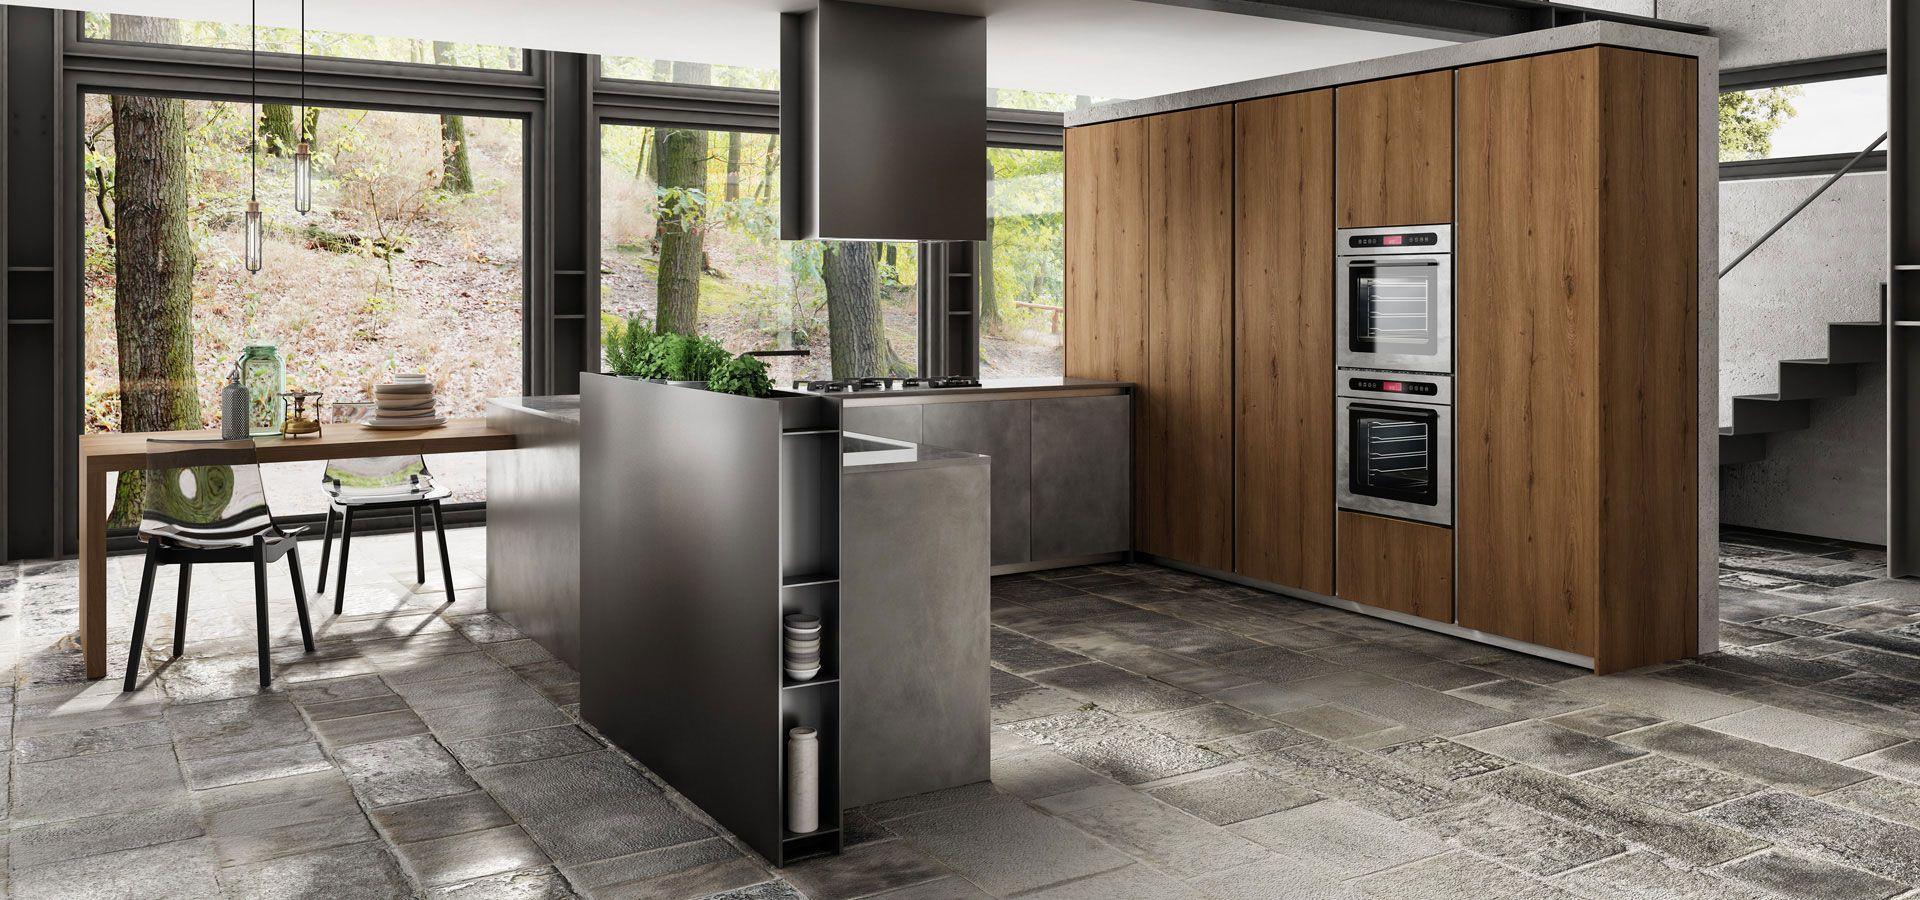 Cucina Moderna Zetasei - Arredo3 | Kitchens | Pinterest | Cucina ...